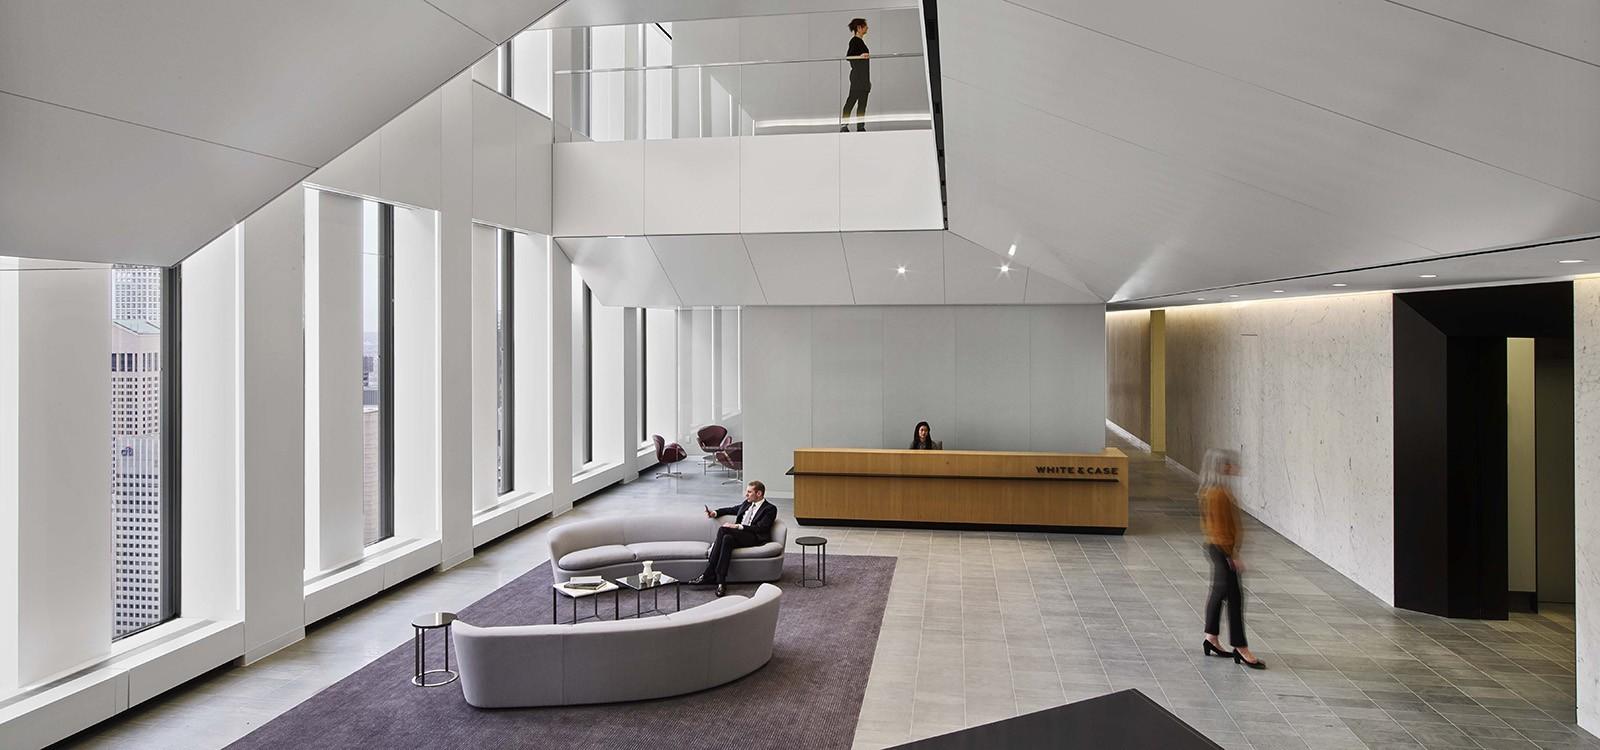 نگاهی به روانشناسی در معماری